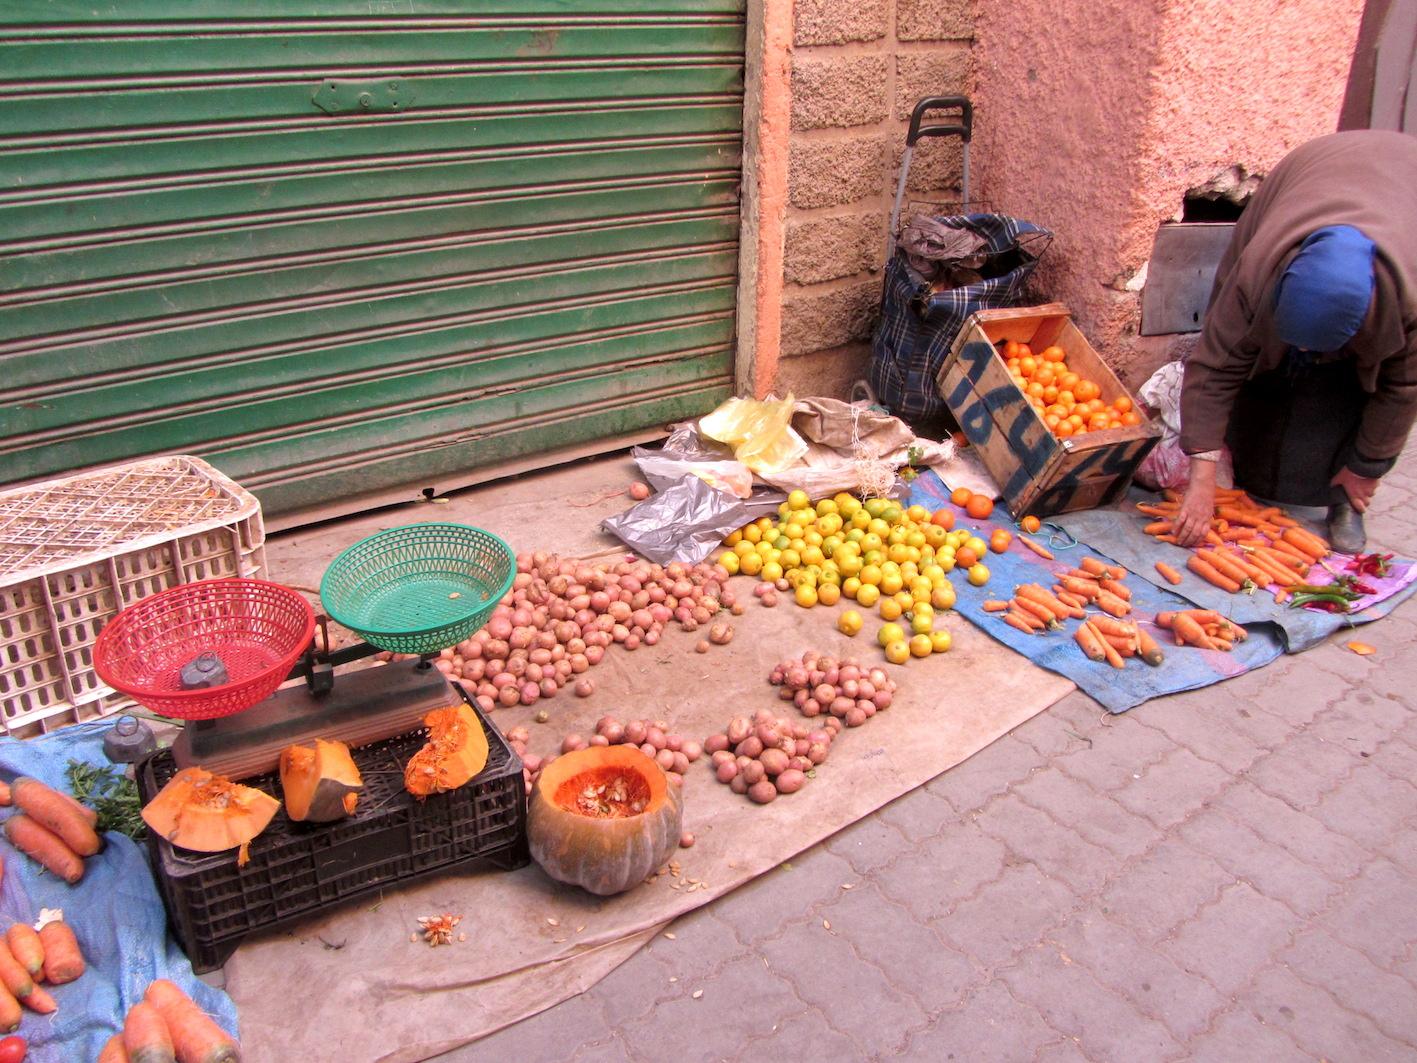 Vegetable street stall in Marrakech